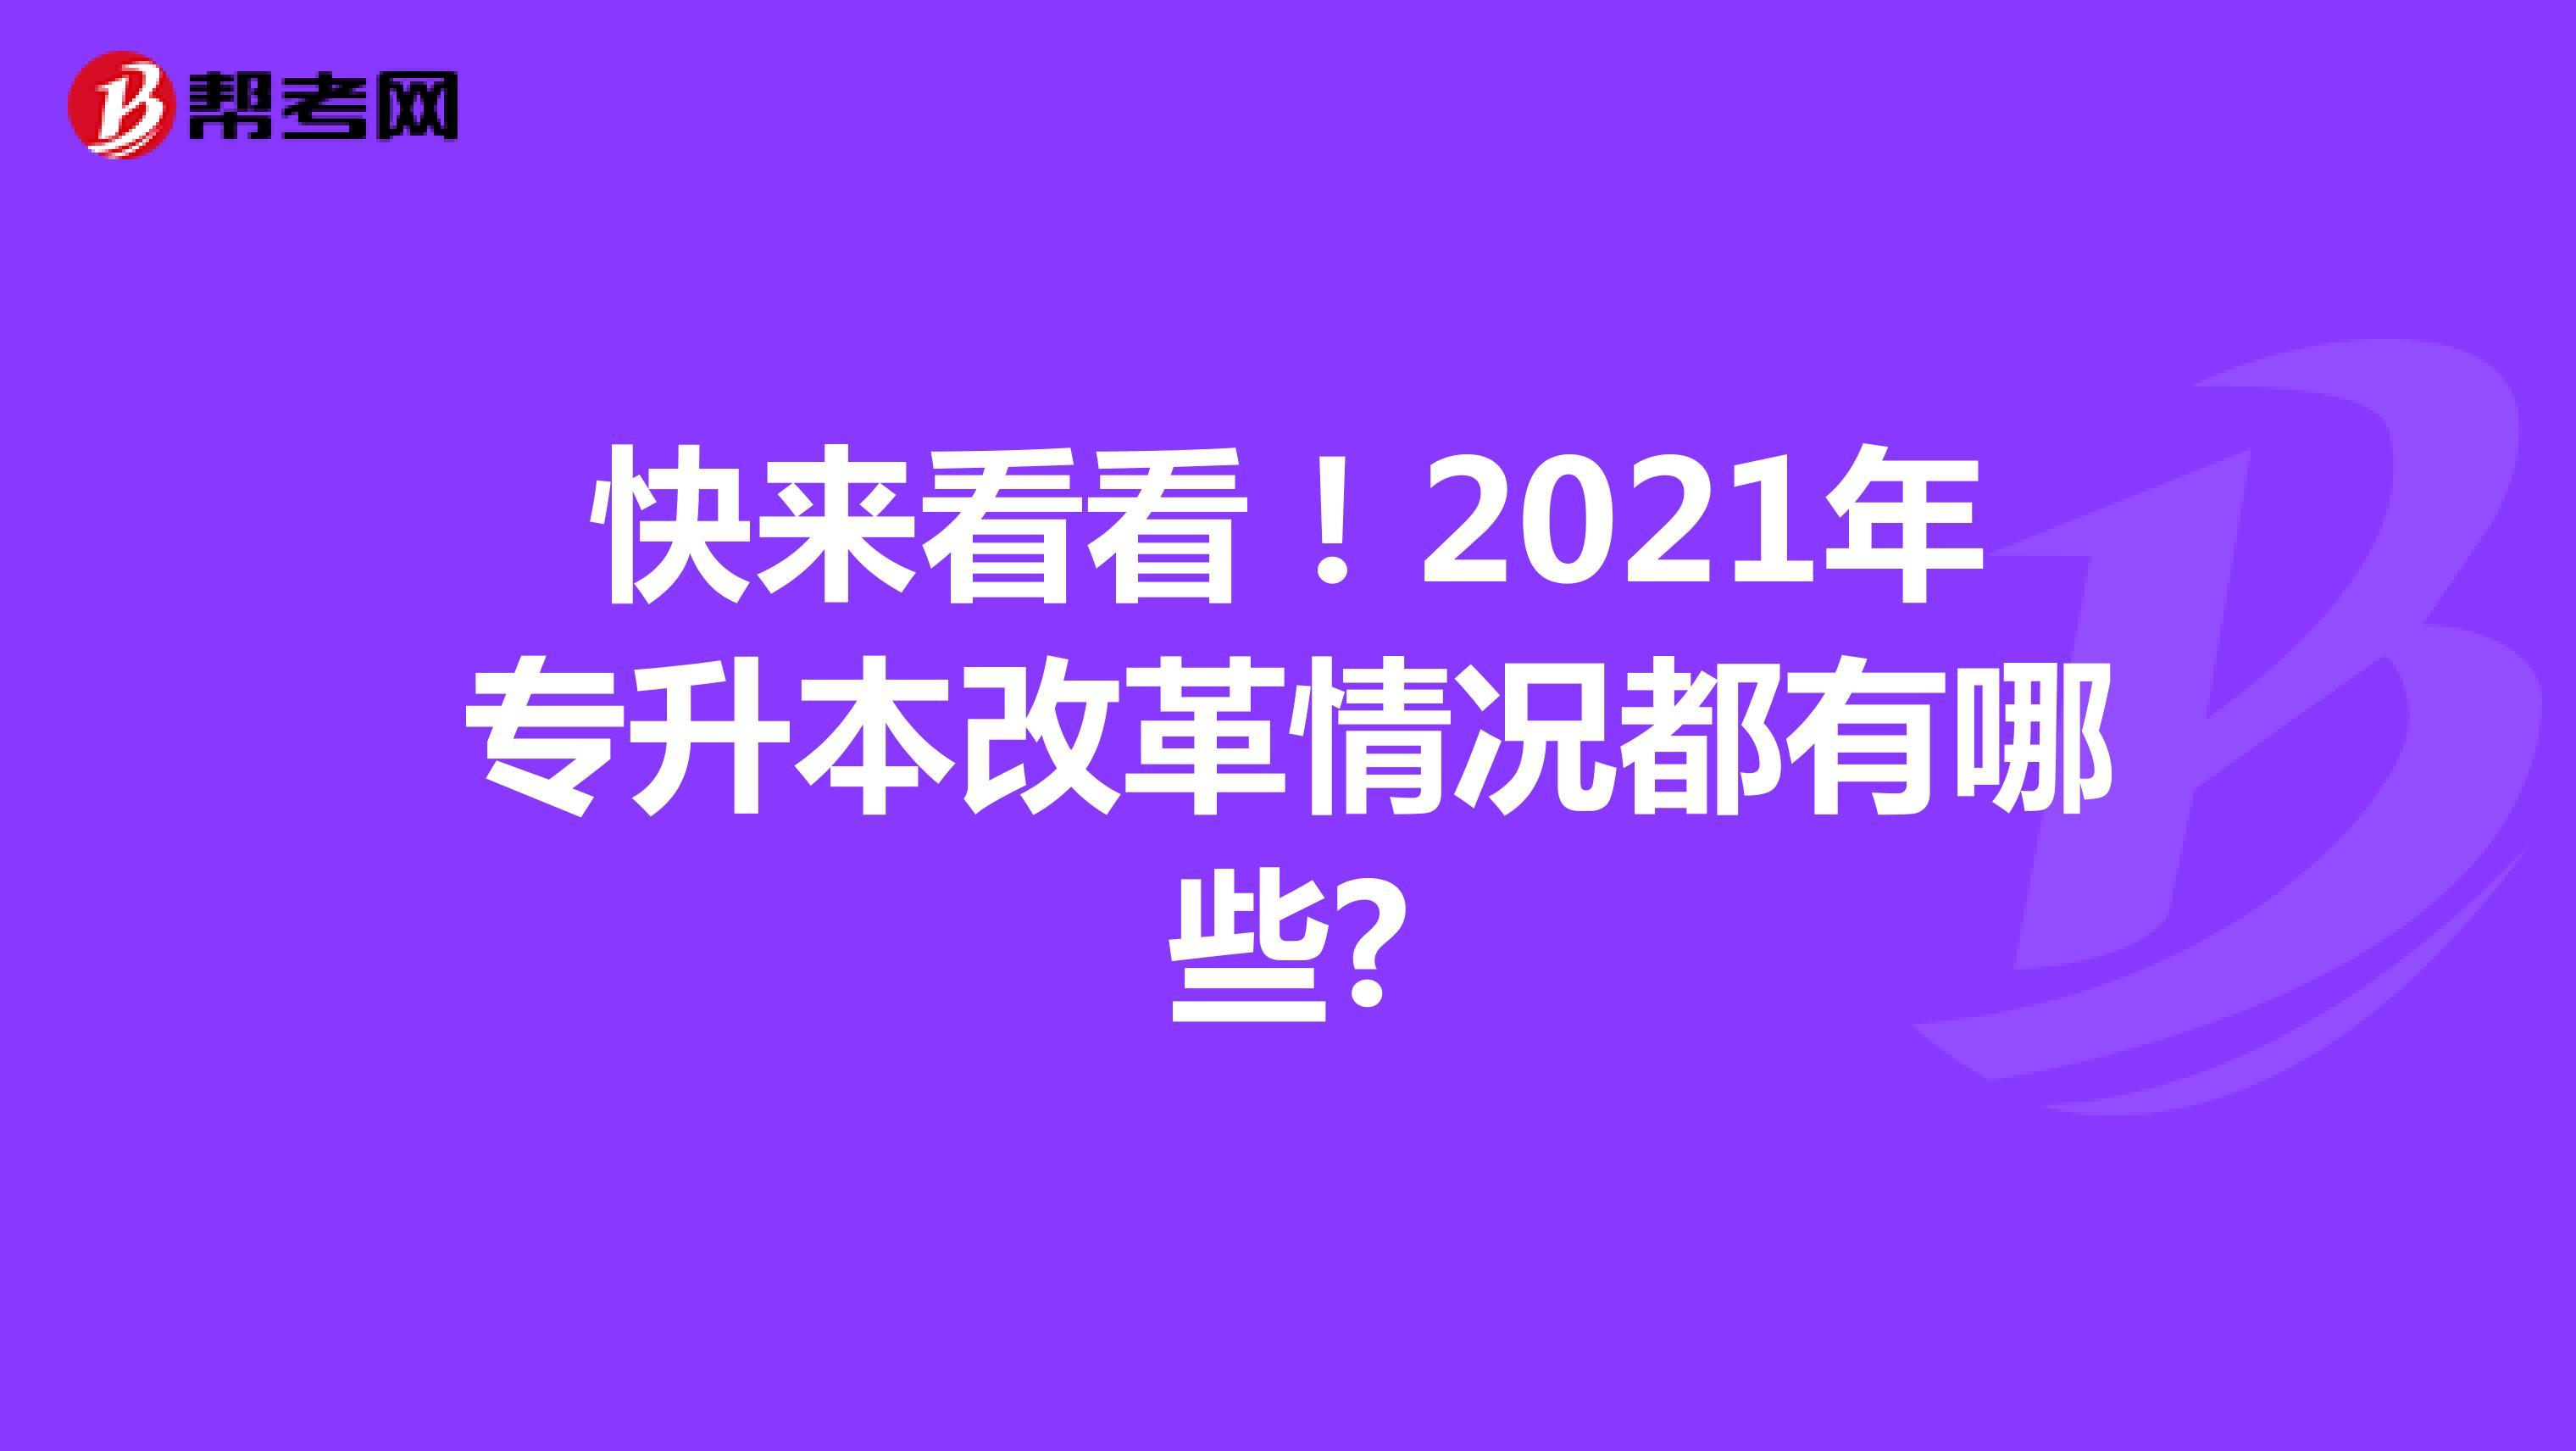 快來看看!2021年專升本改革情況都有哪些?